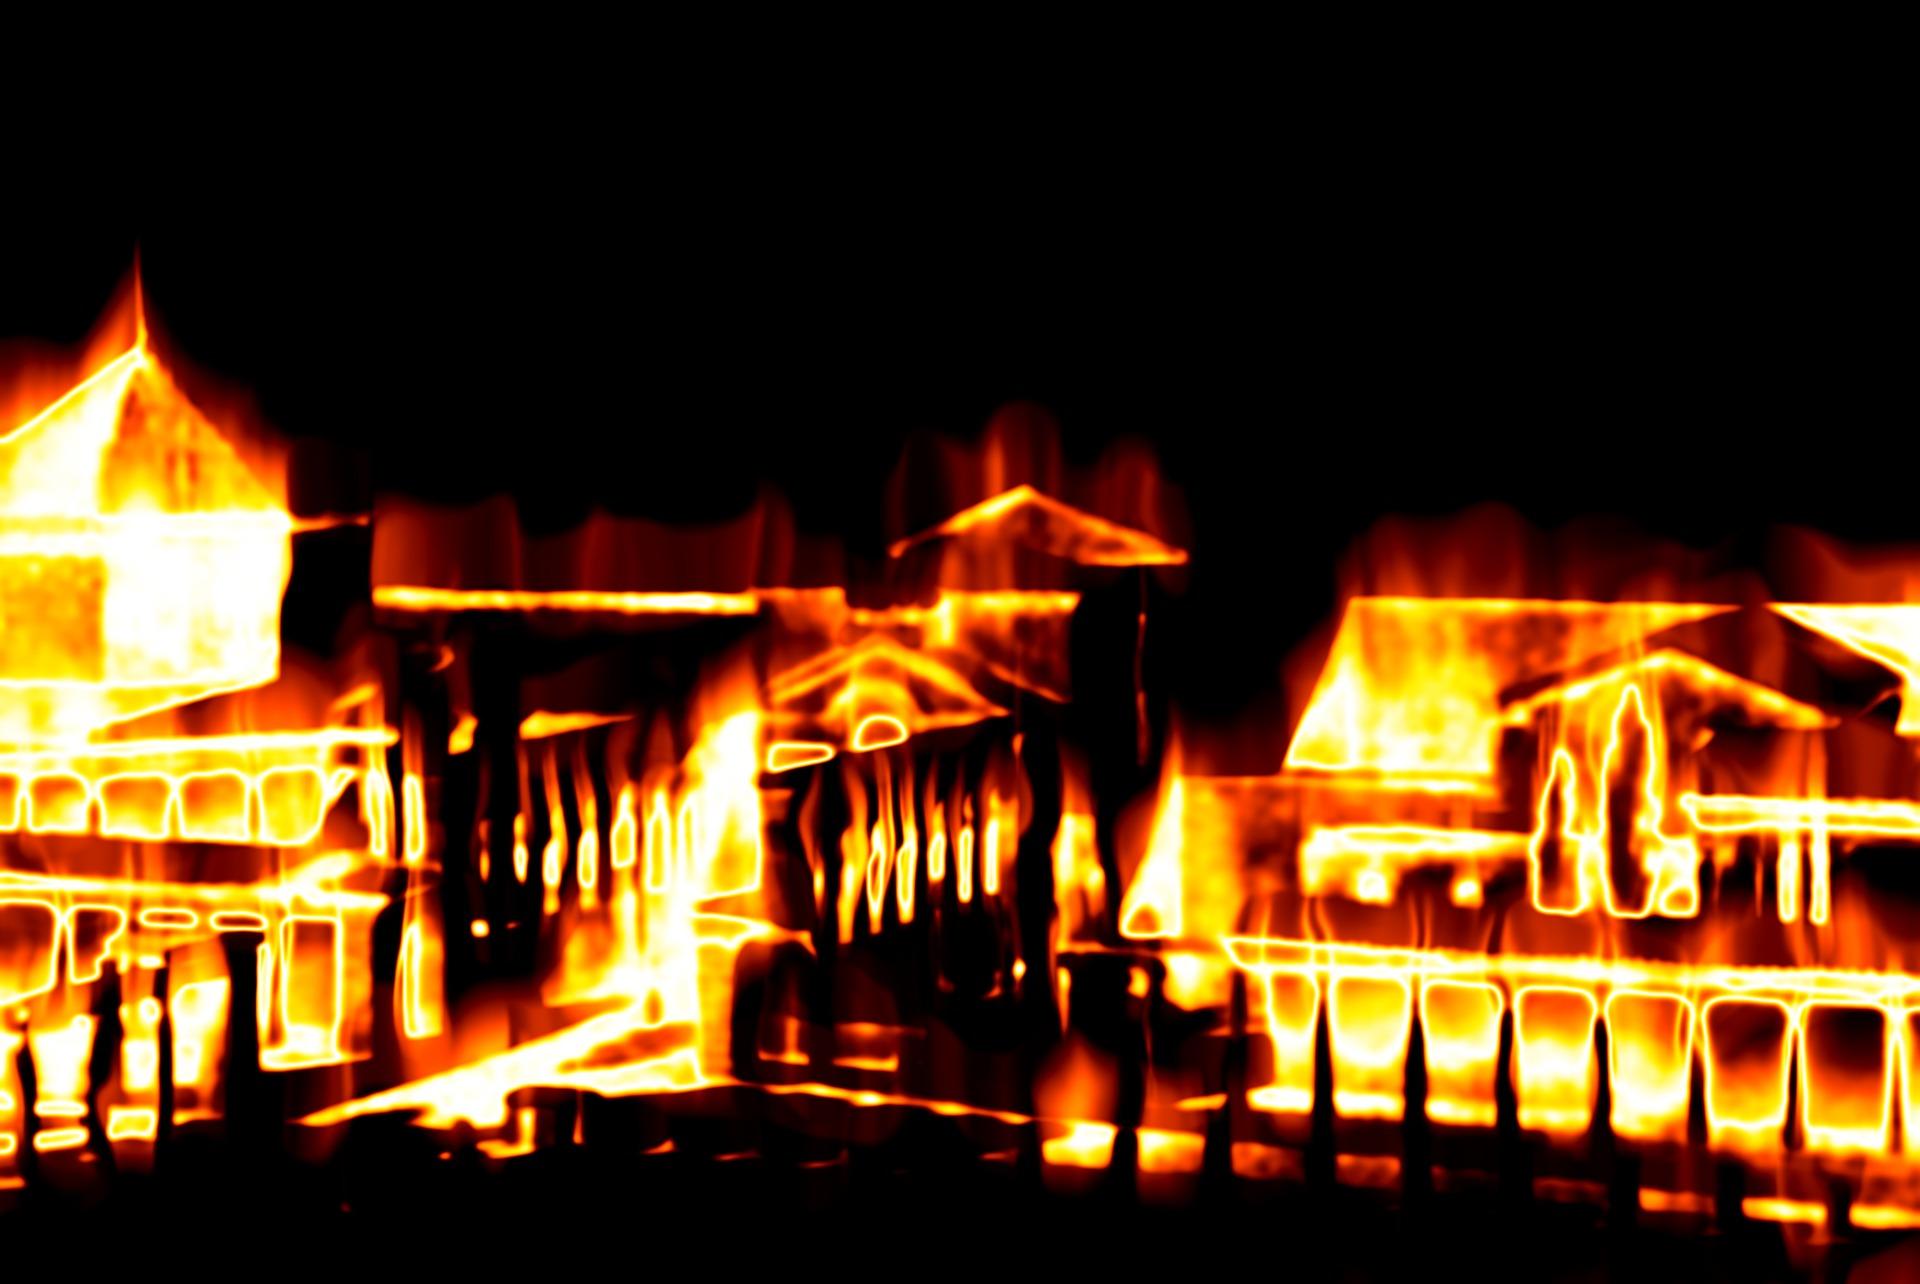 פינת פאר: ועל הנסים - הגיבורה שנשרפה קמה לחיים